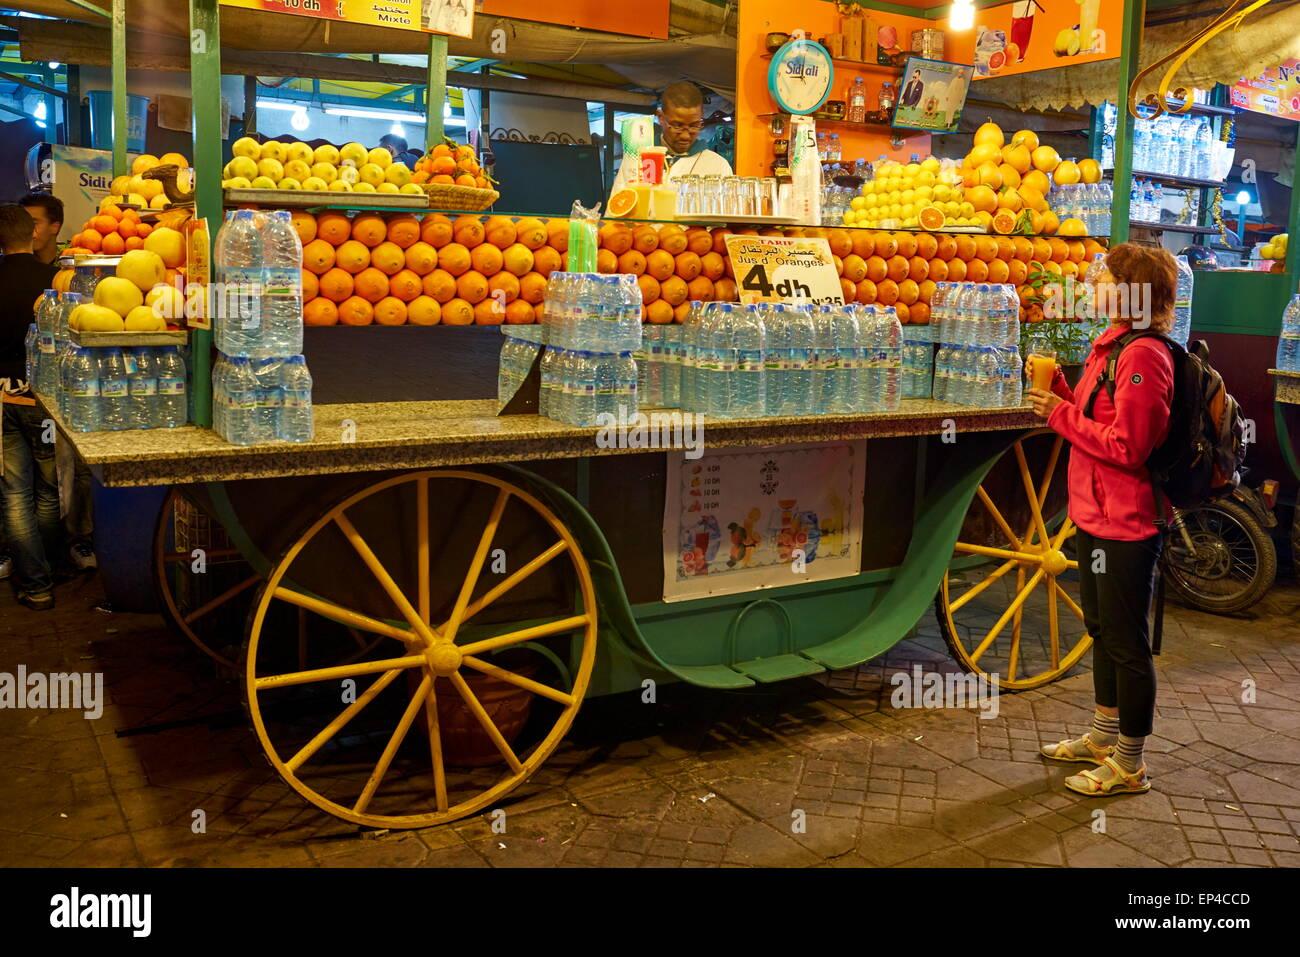 Vendeur de jus d'Orange au bazar de nuit et de stands de nourriture à la place Jamaa el Fna, Marrakech Medina. Maroc Banque D'Images